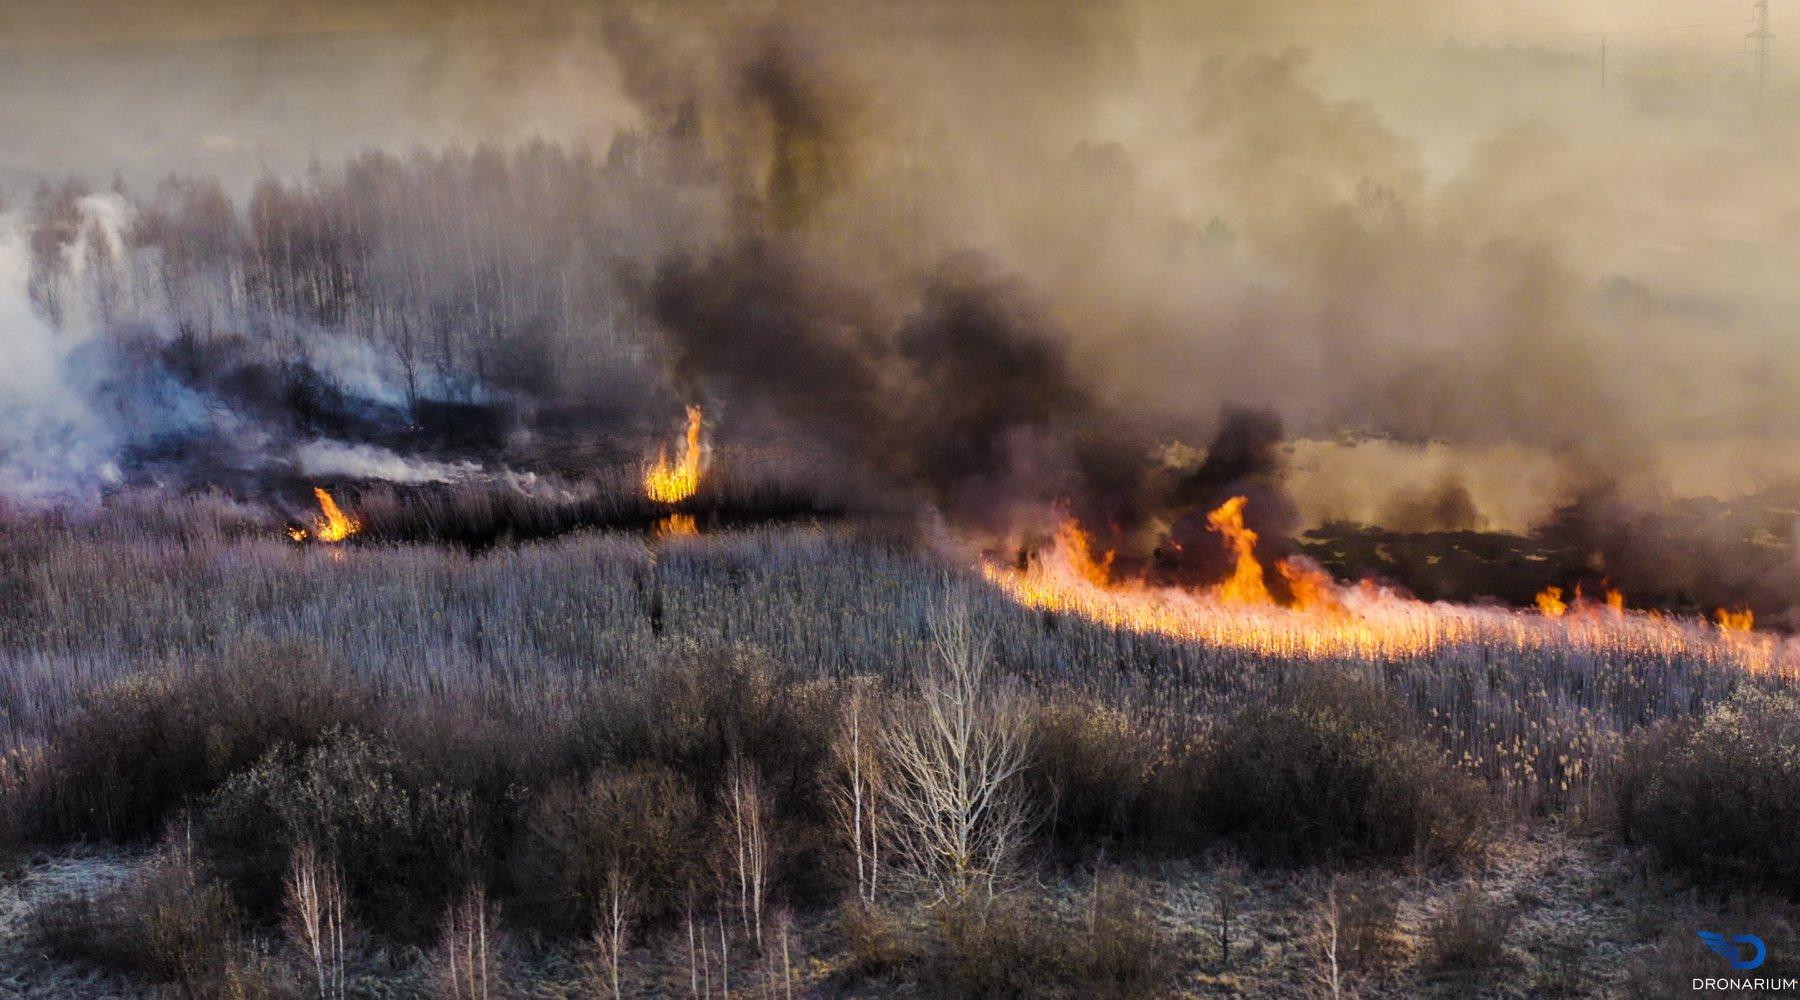 японскими считаются картинки чернобыль пожар фото